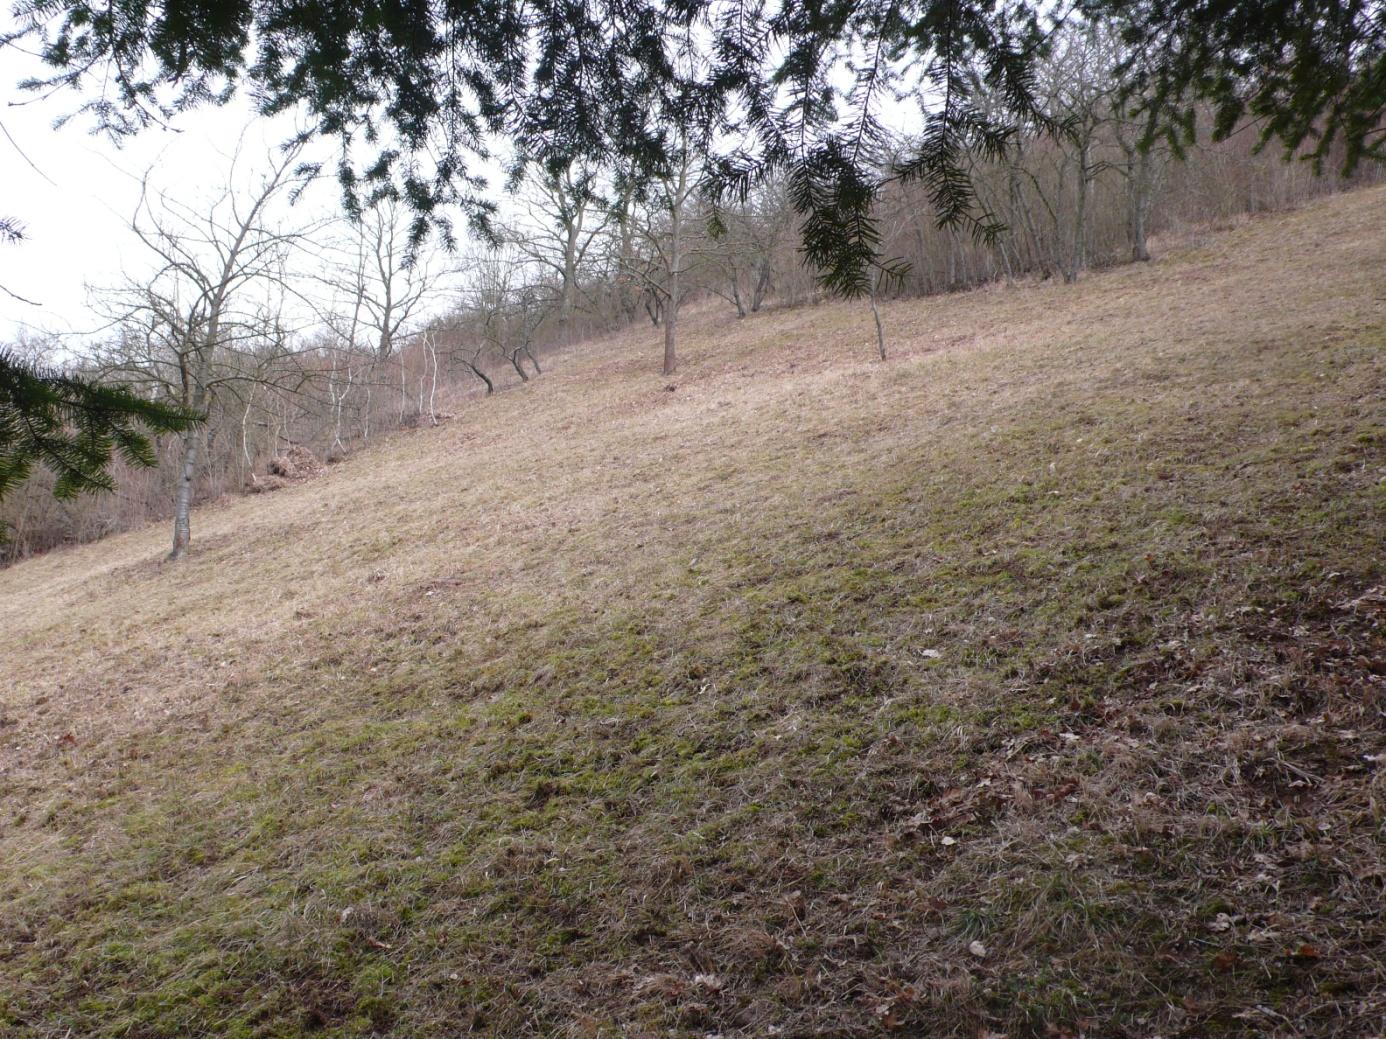 C:\Users\Hans\BUND, Naturschutz\Biotoppflege, Fotos\HTR, Blick aus dem Douglasienwäldchen auf die hintere Pflegefläche.JPG